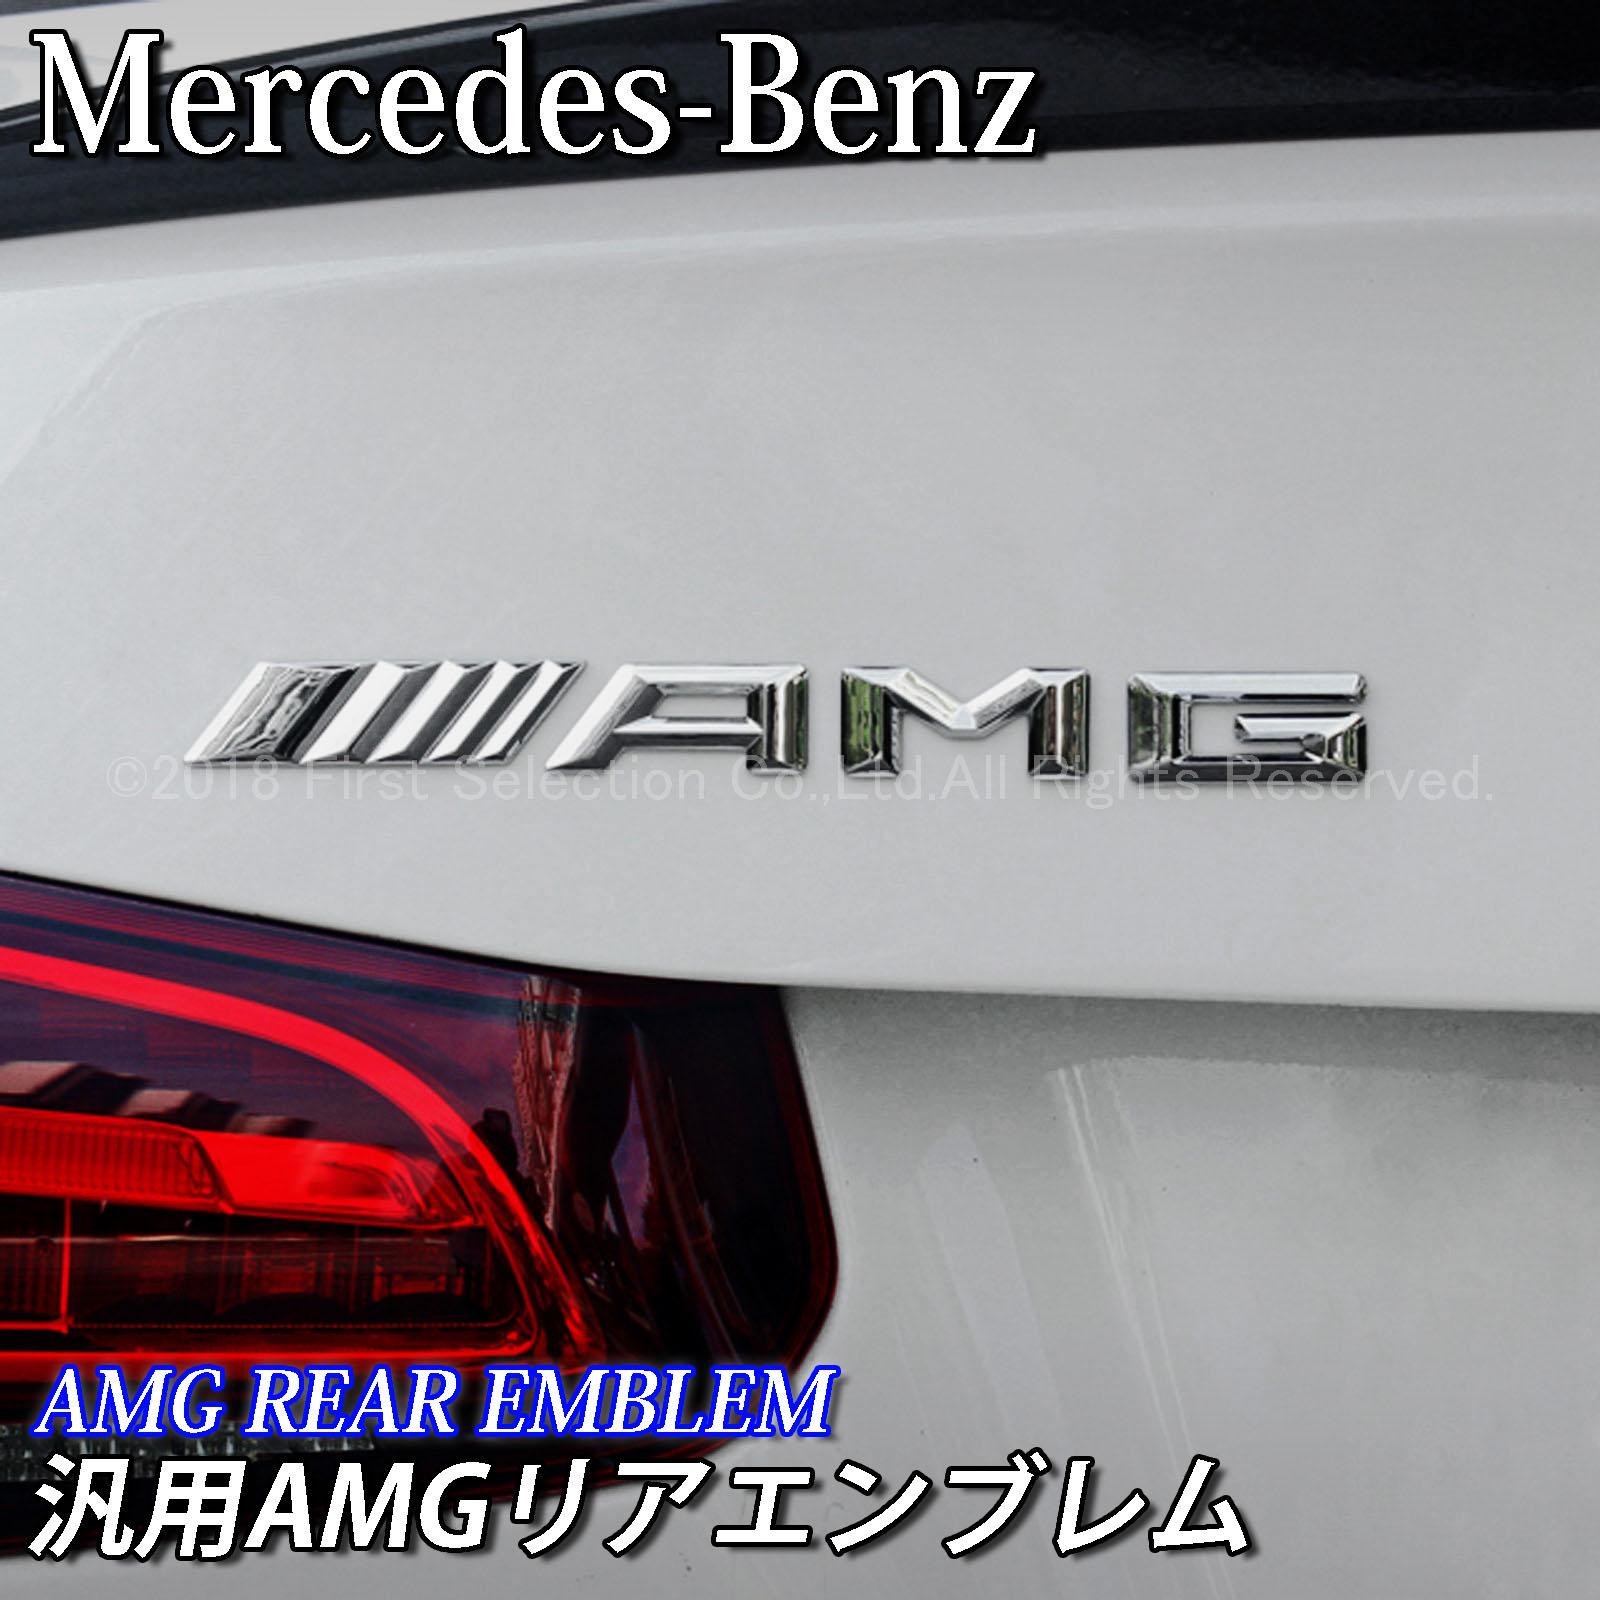 Mercedes-Benz ベンツ用 AMGロゴ 汎用リアエンブレム W177 W247 W205 W213 W222 W447 C117 C218 X156 X253